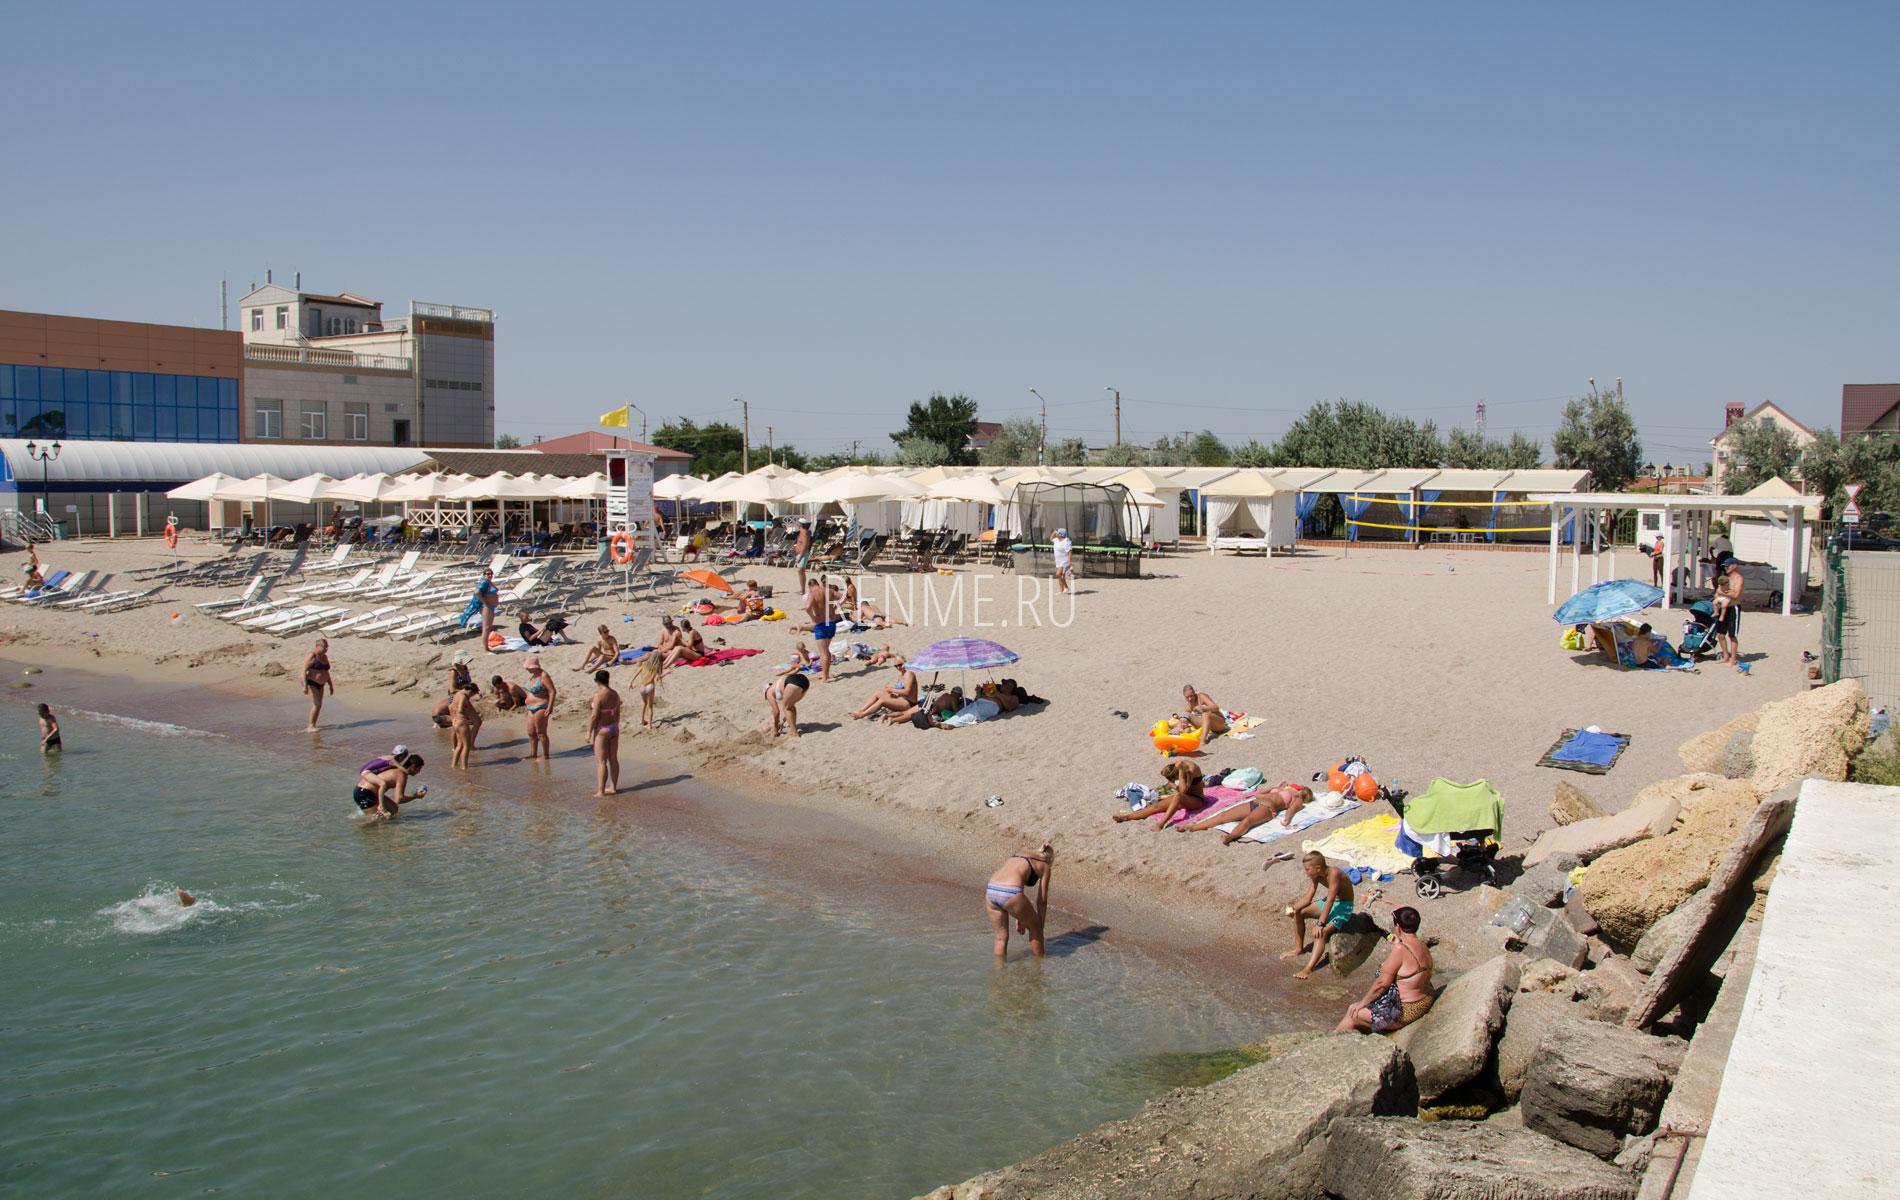 Чистый песчаный пляж Крыма. Фото Евпатории